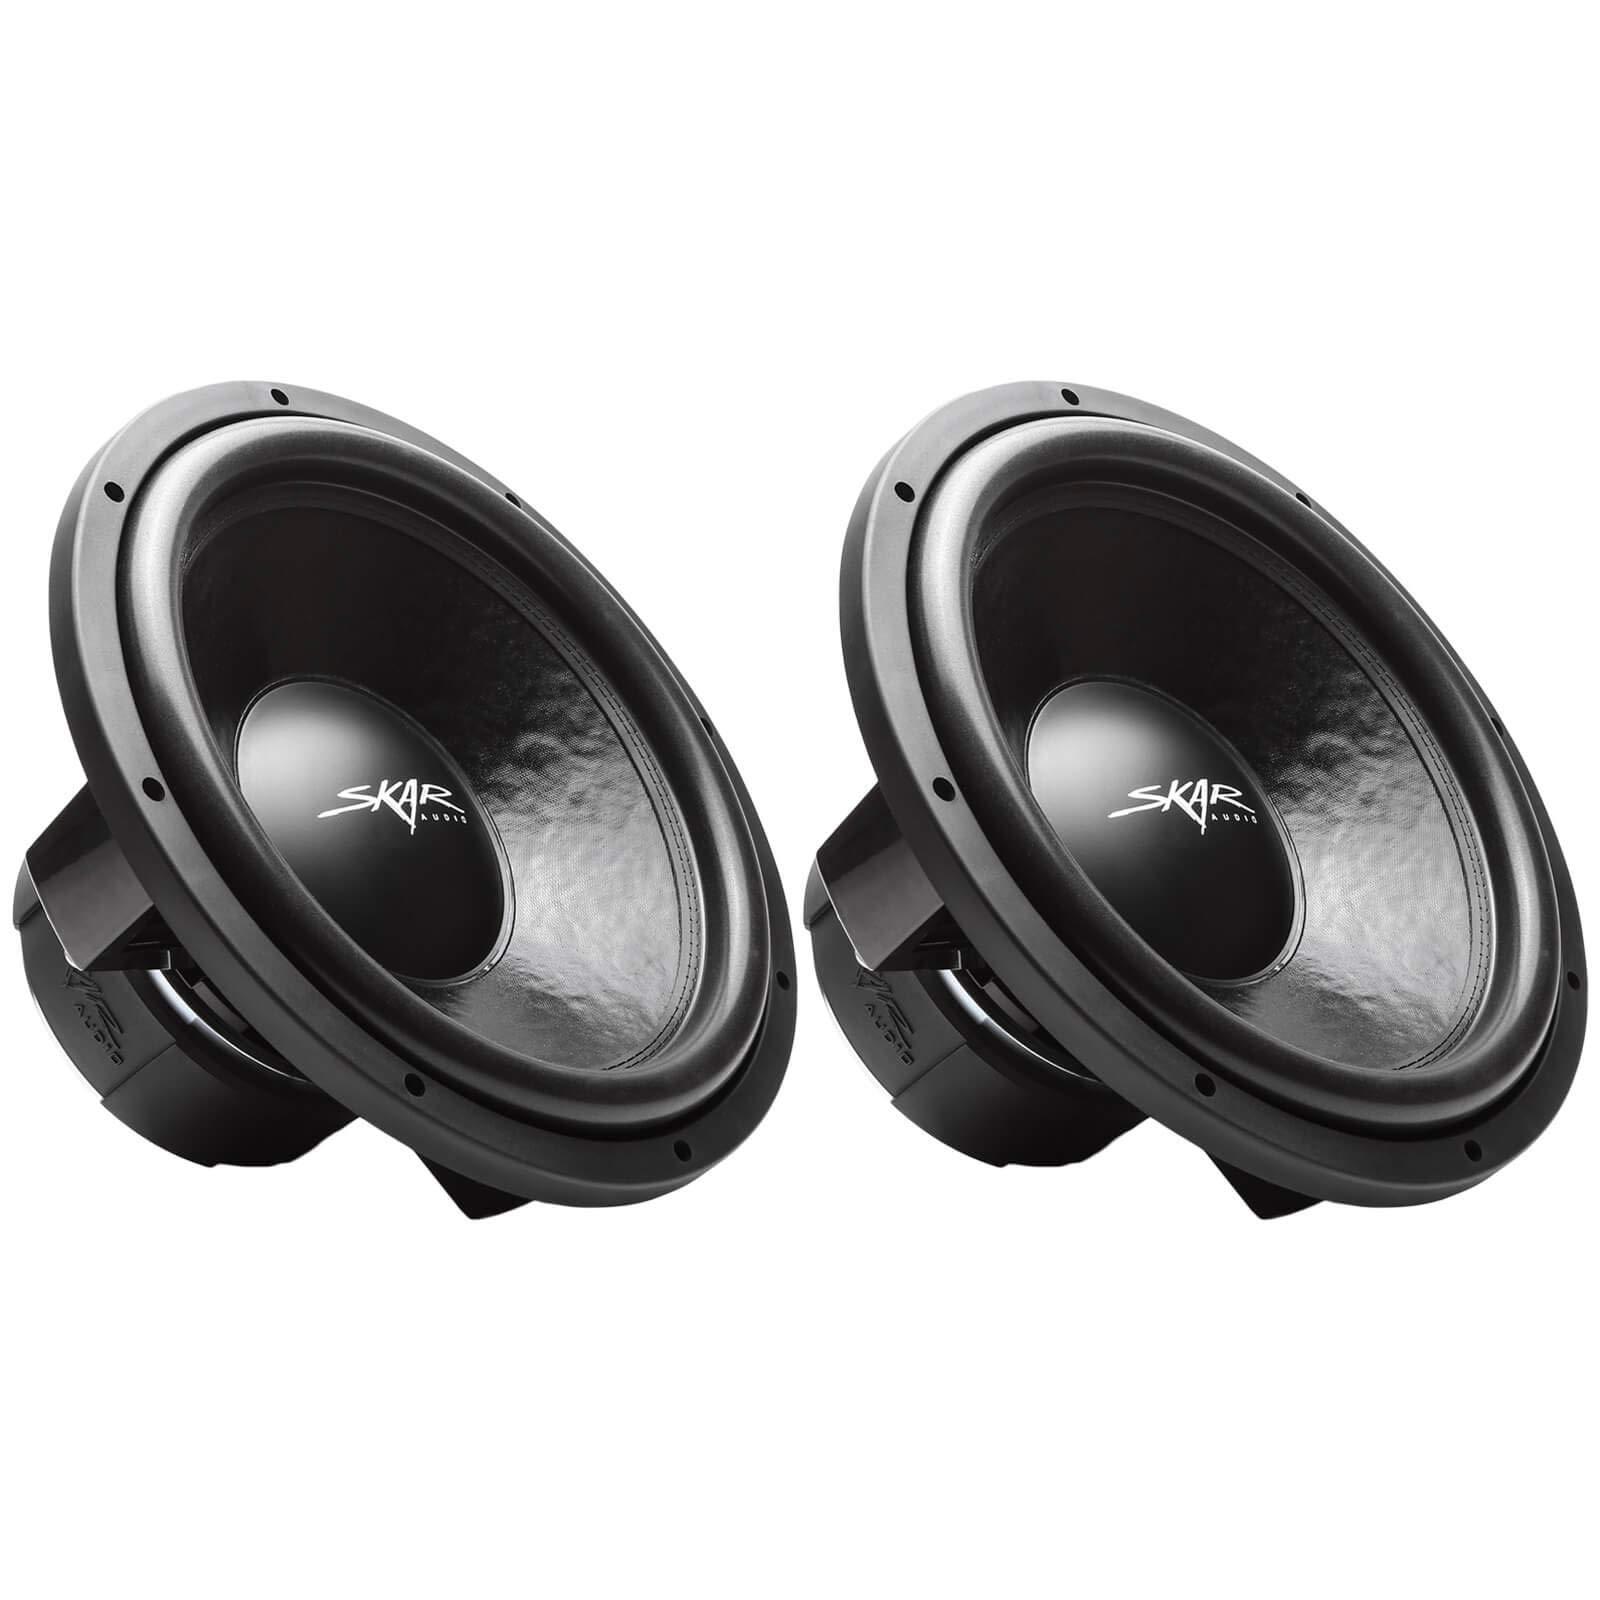 Skar Audio DDX 15 D4 Subwoofer